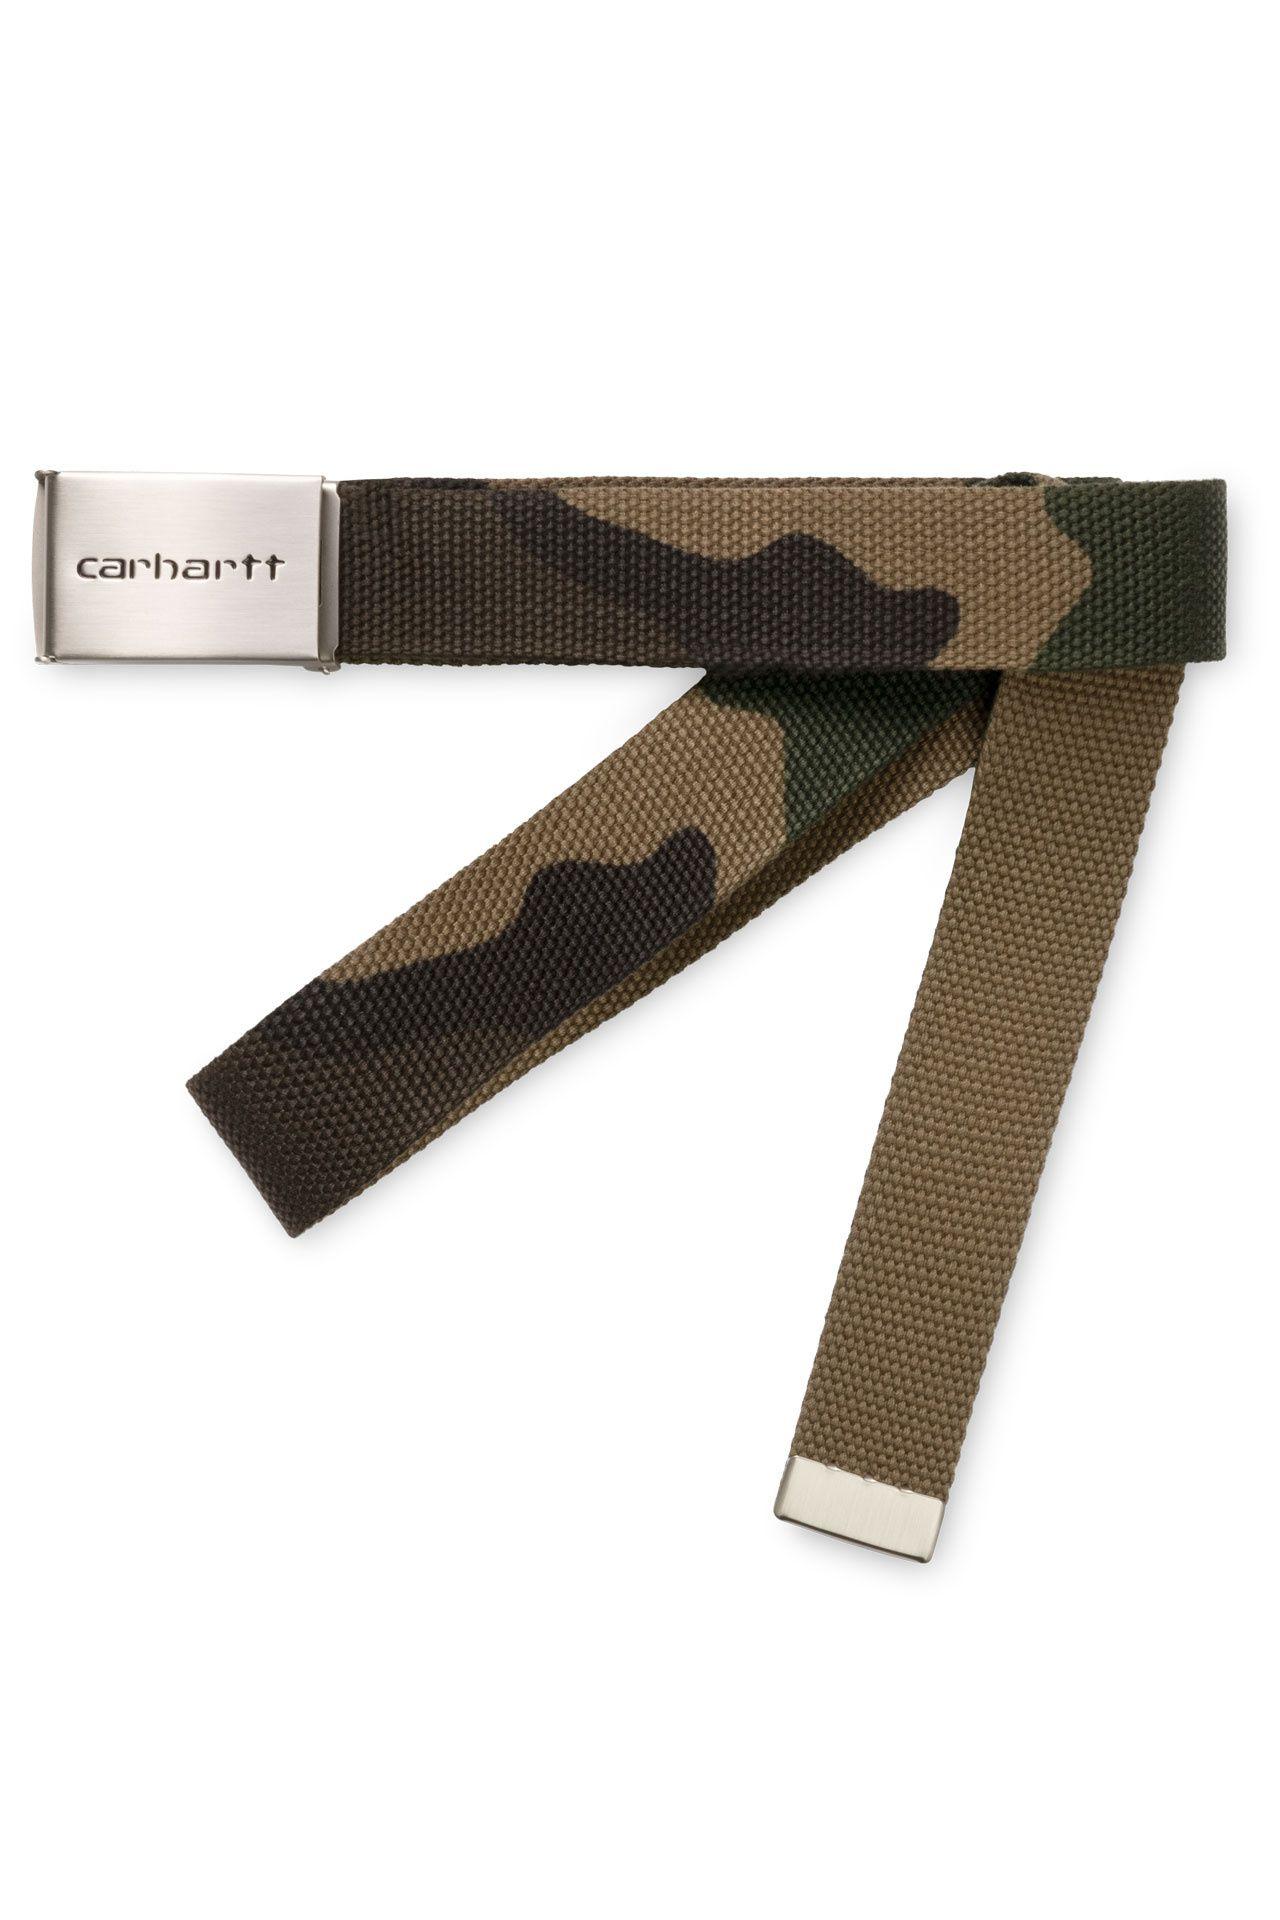 Afbeelding van Carhartt Riem Clip Belt Chrome Camo Laurel I019176